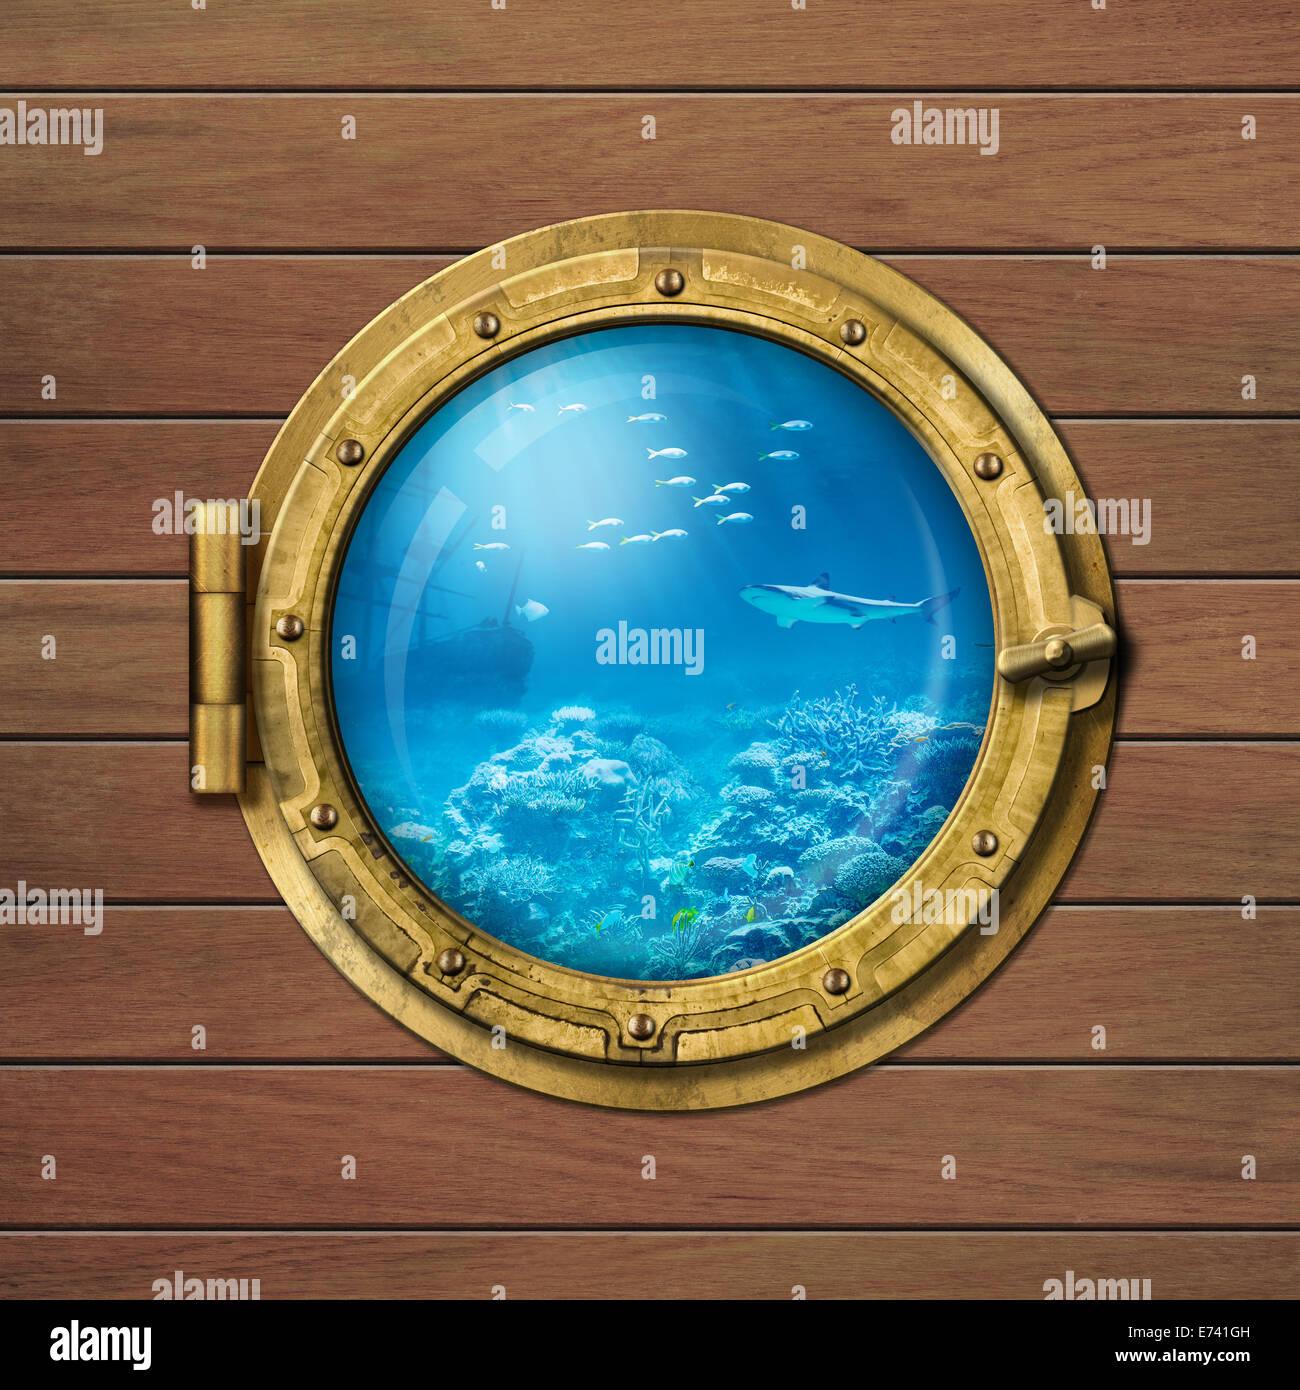 bathyscaphe or submarine porthole underwater - Stock Image